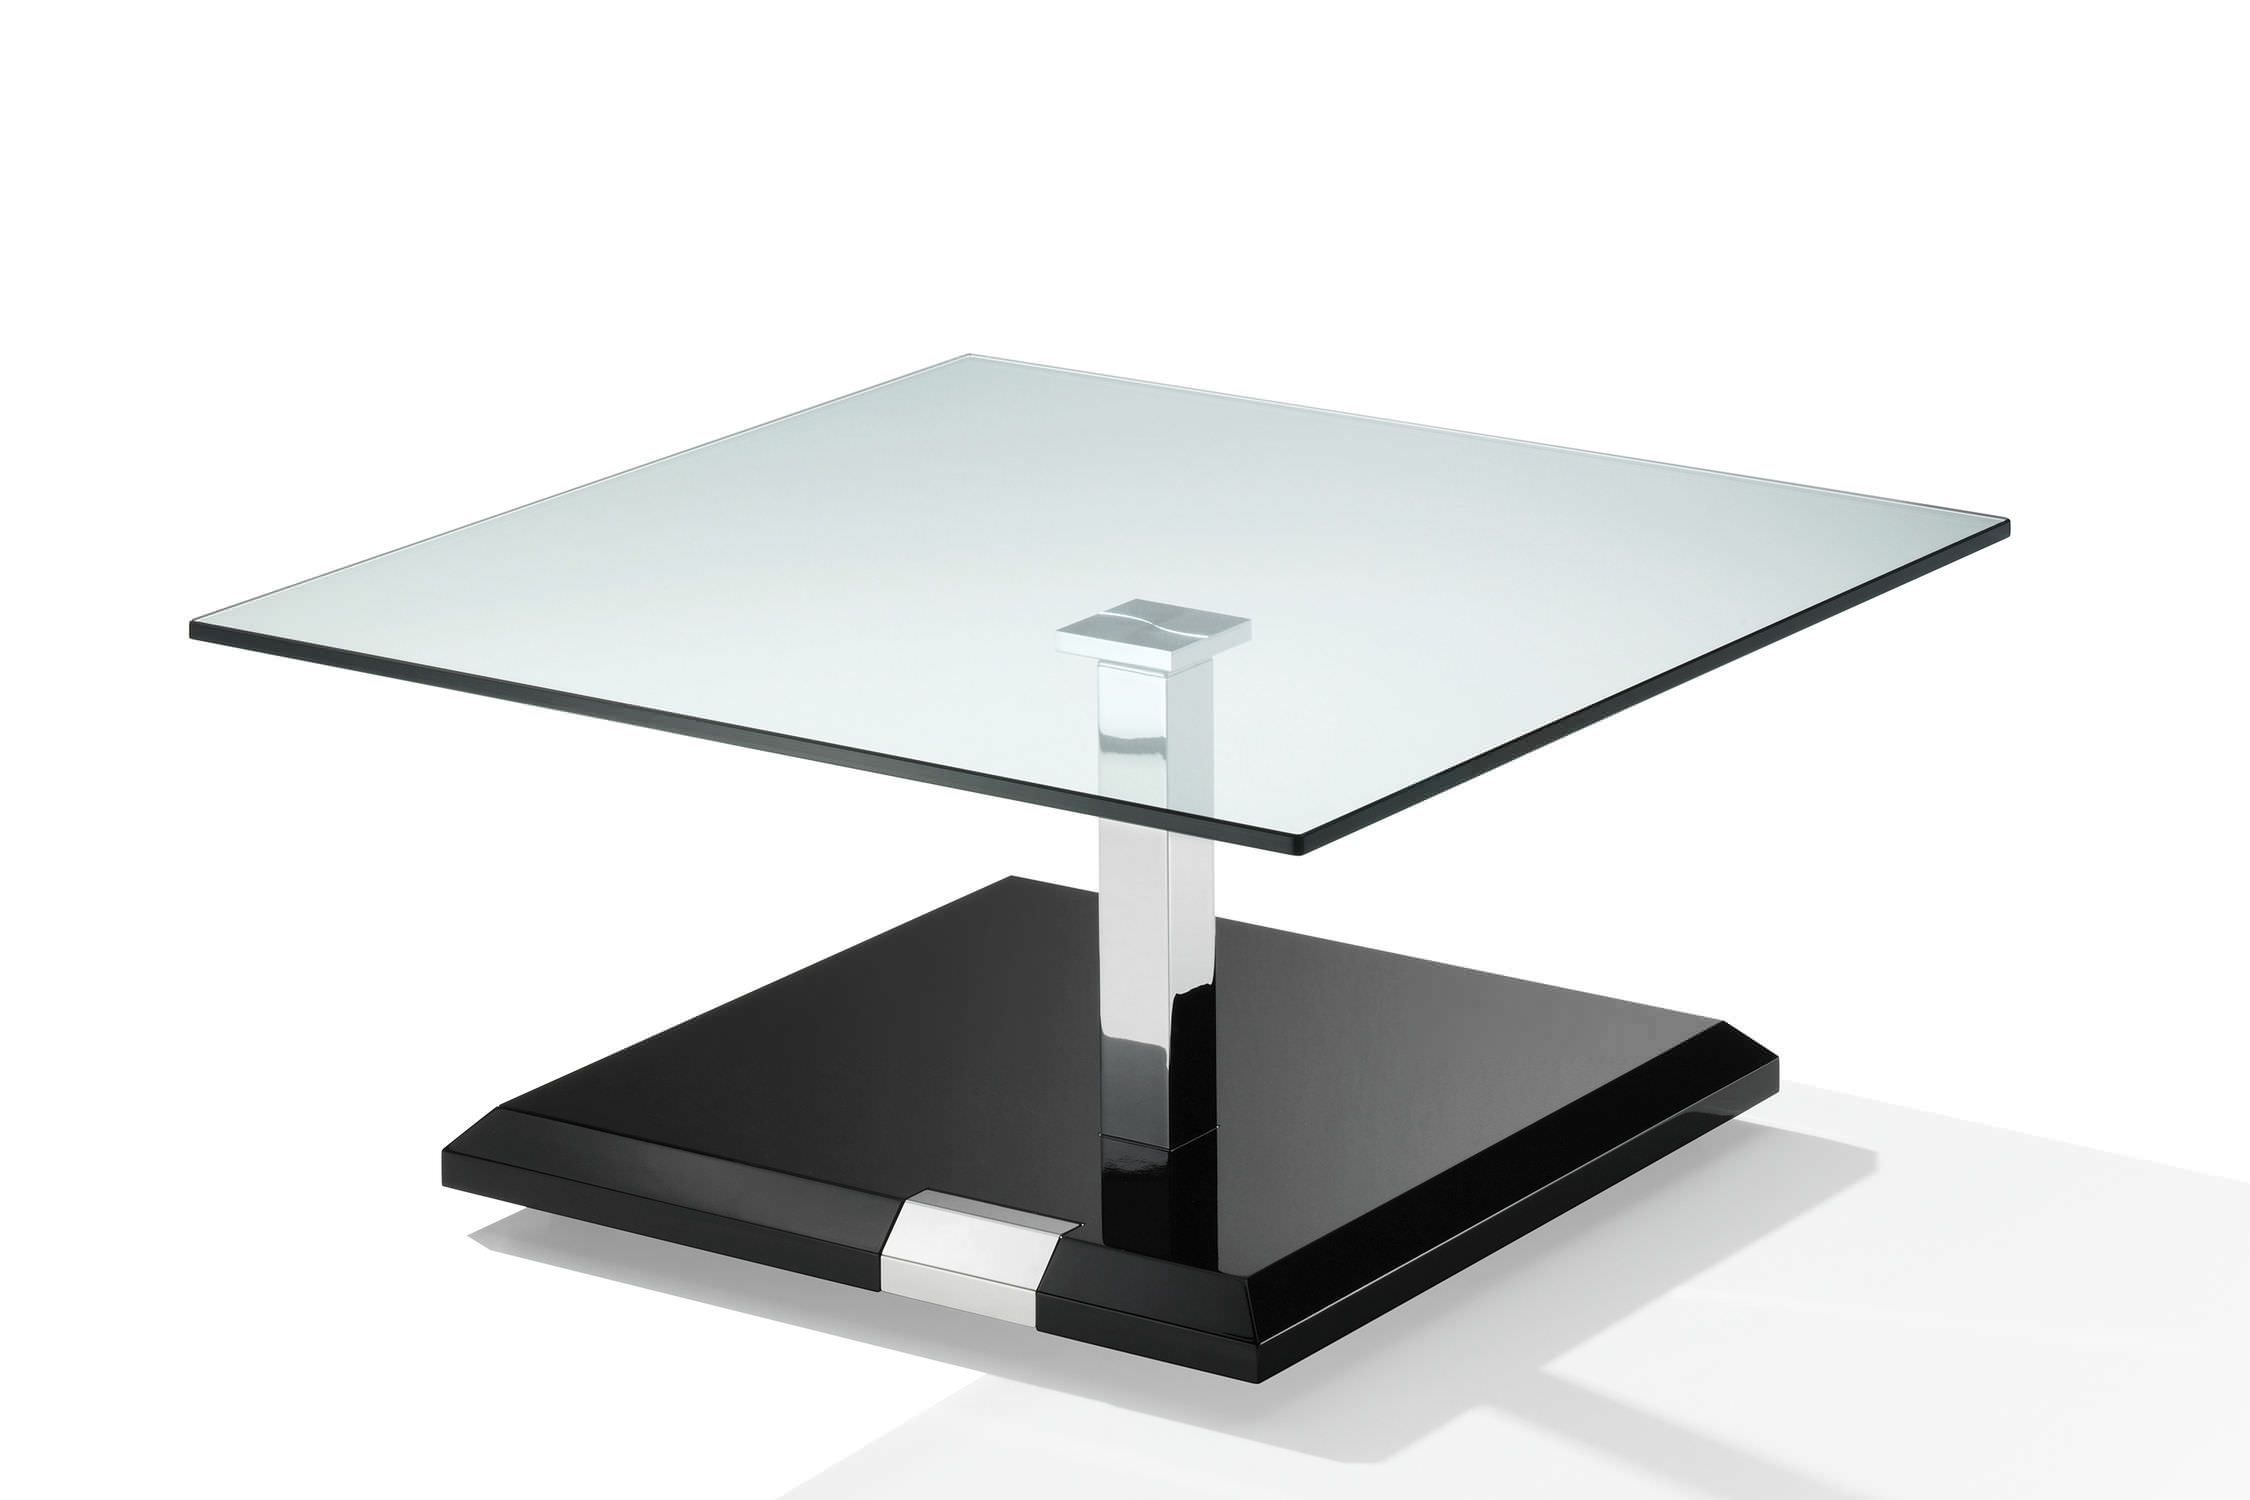 Beistelltisch glas höhenverstellbar  Tolle glas couchtisch höhenverstellbar | Deutsche Deko | Pinterest ...